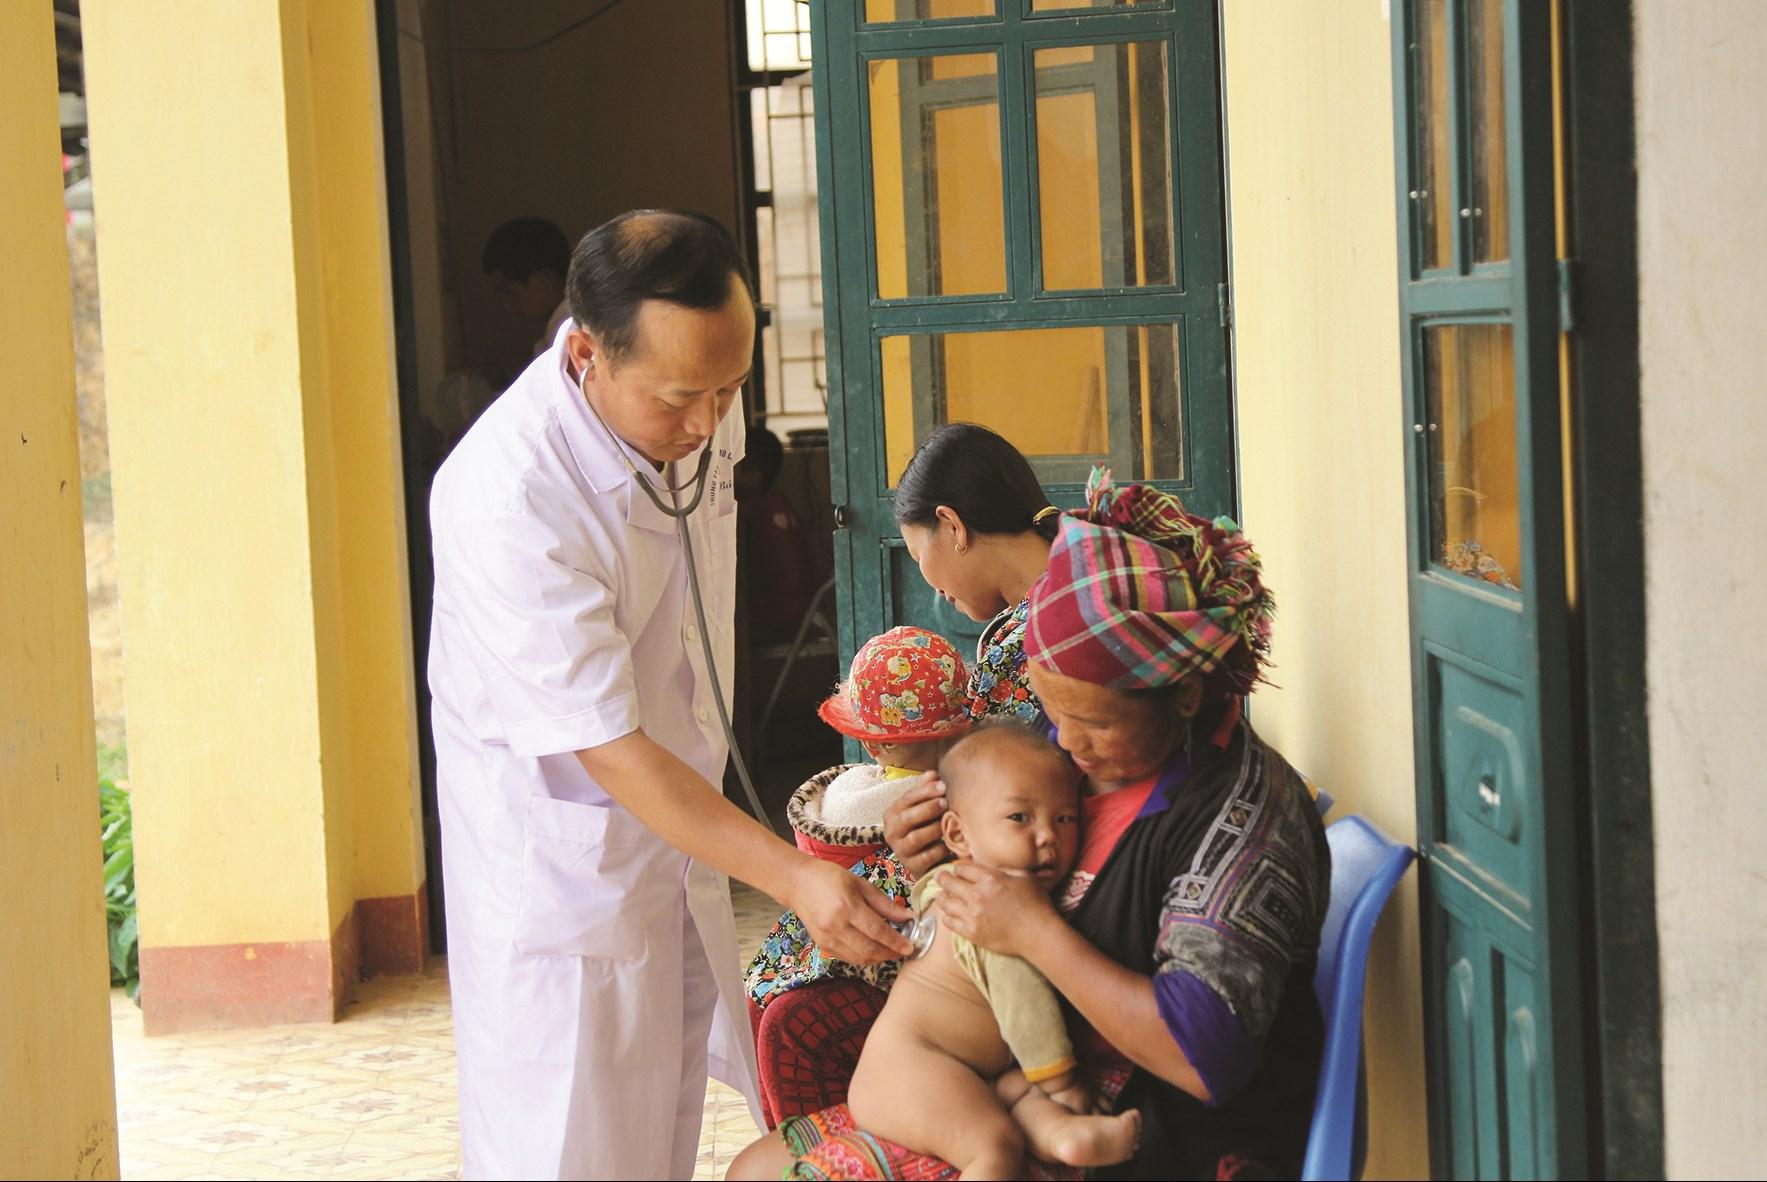 Cần tăng cường chăm sóc sức khỏe cho trẻ em để nâng cao chất lượng dân số (ảnh chụp tại xã Nậm Khắt, huyện Mù Cang Chải, tỉnh Yên Bái).